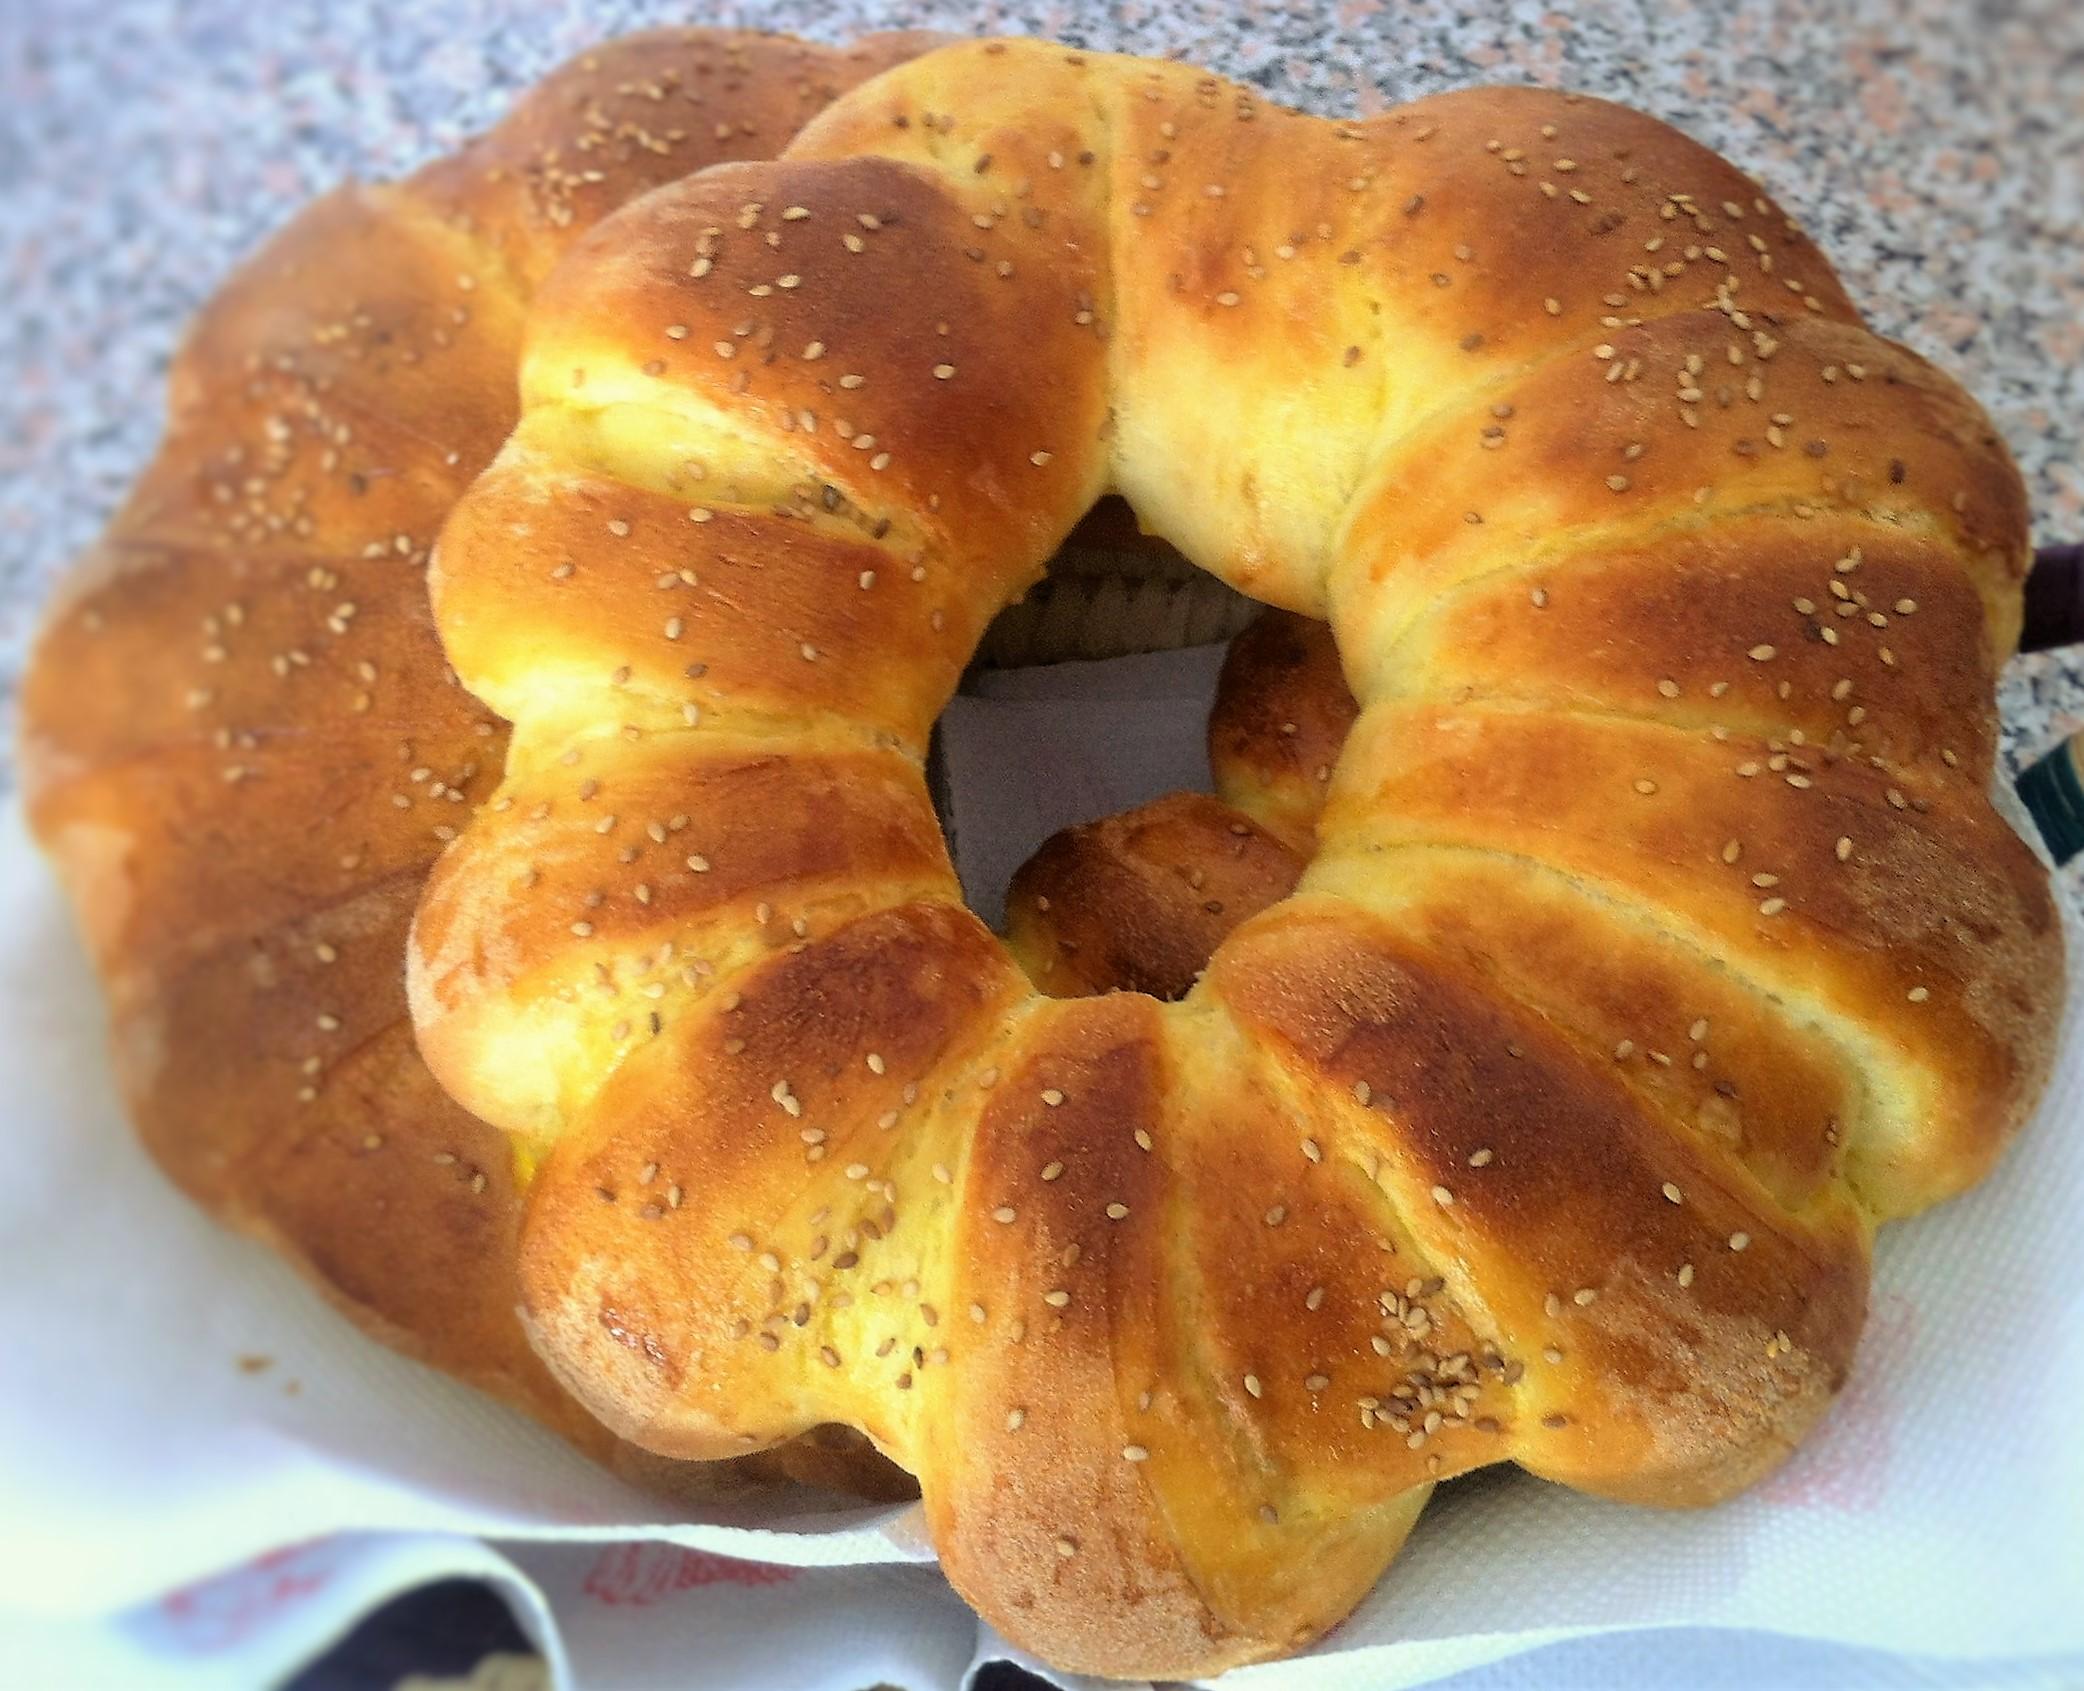 Couronne de pain la semoule la f e soni for Gazelle cuisine hors serie